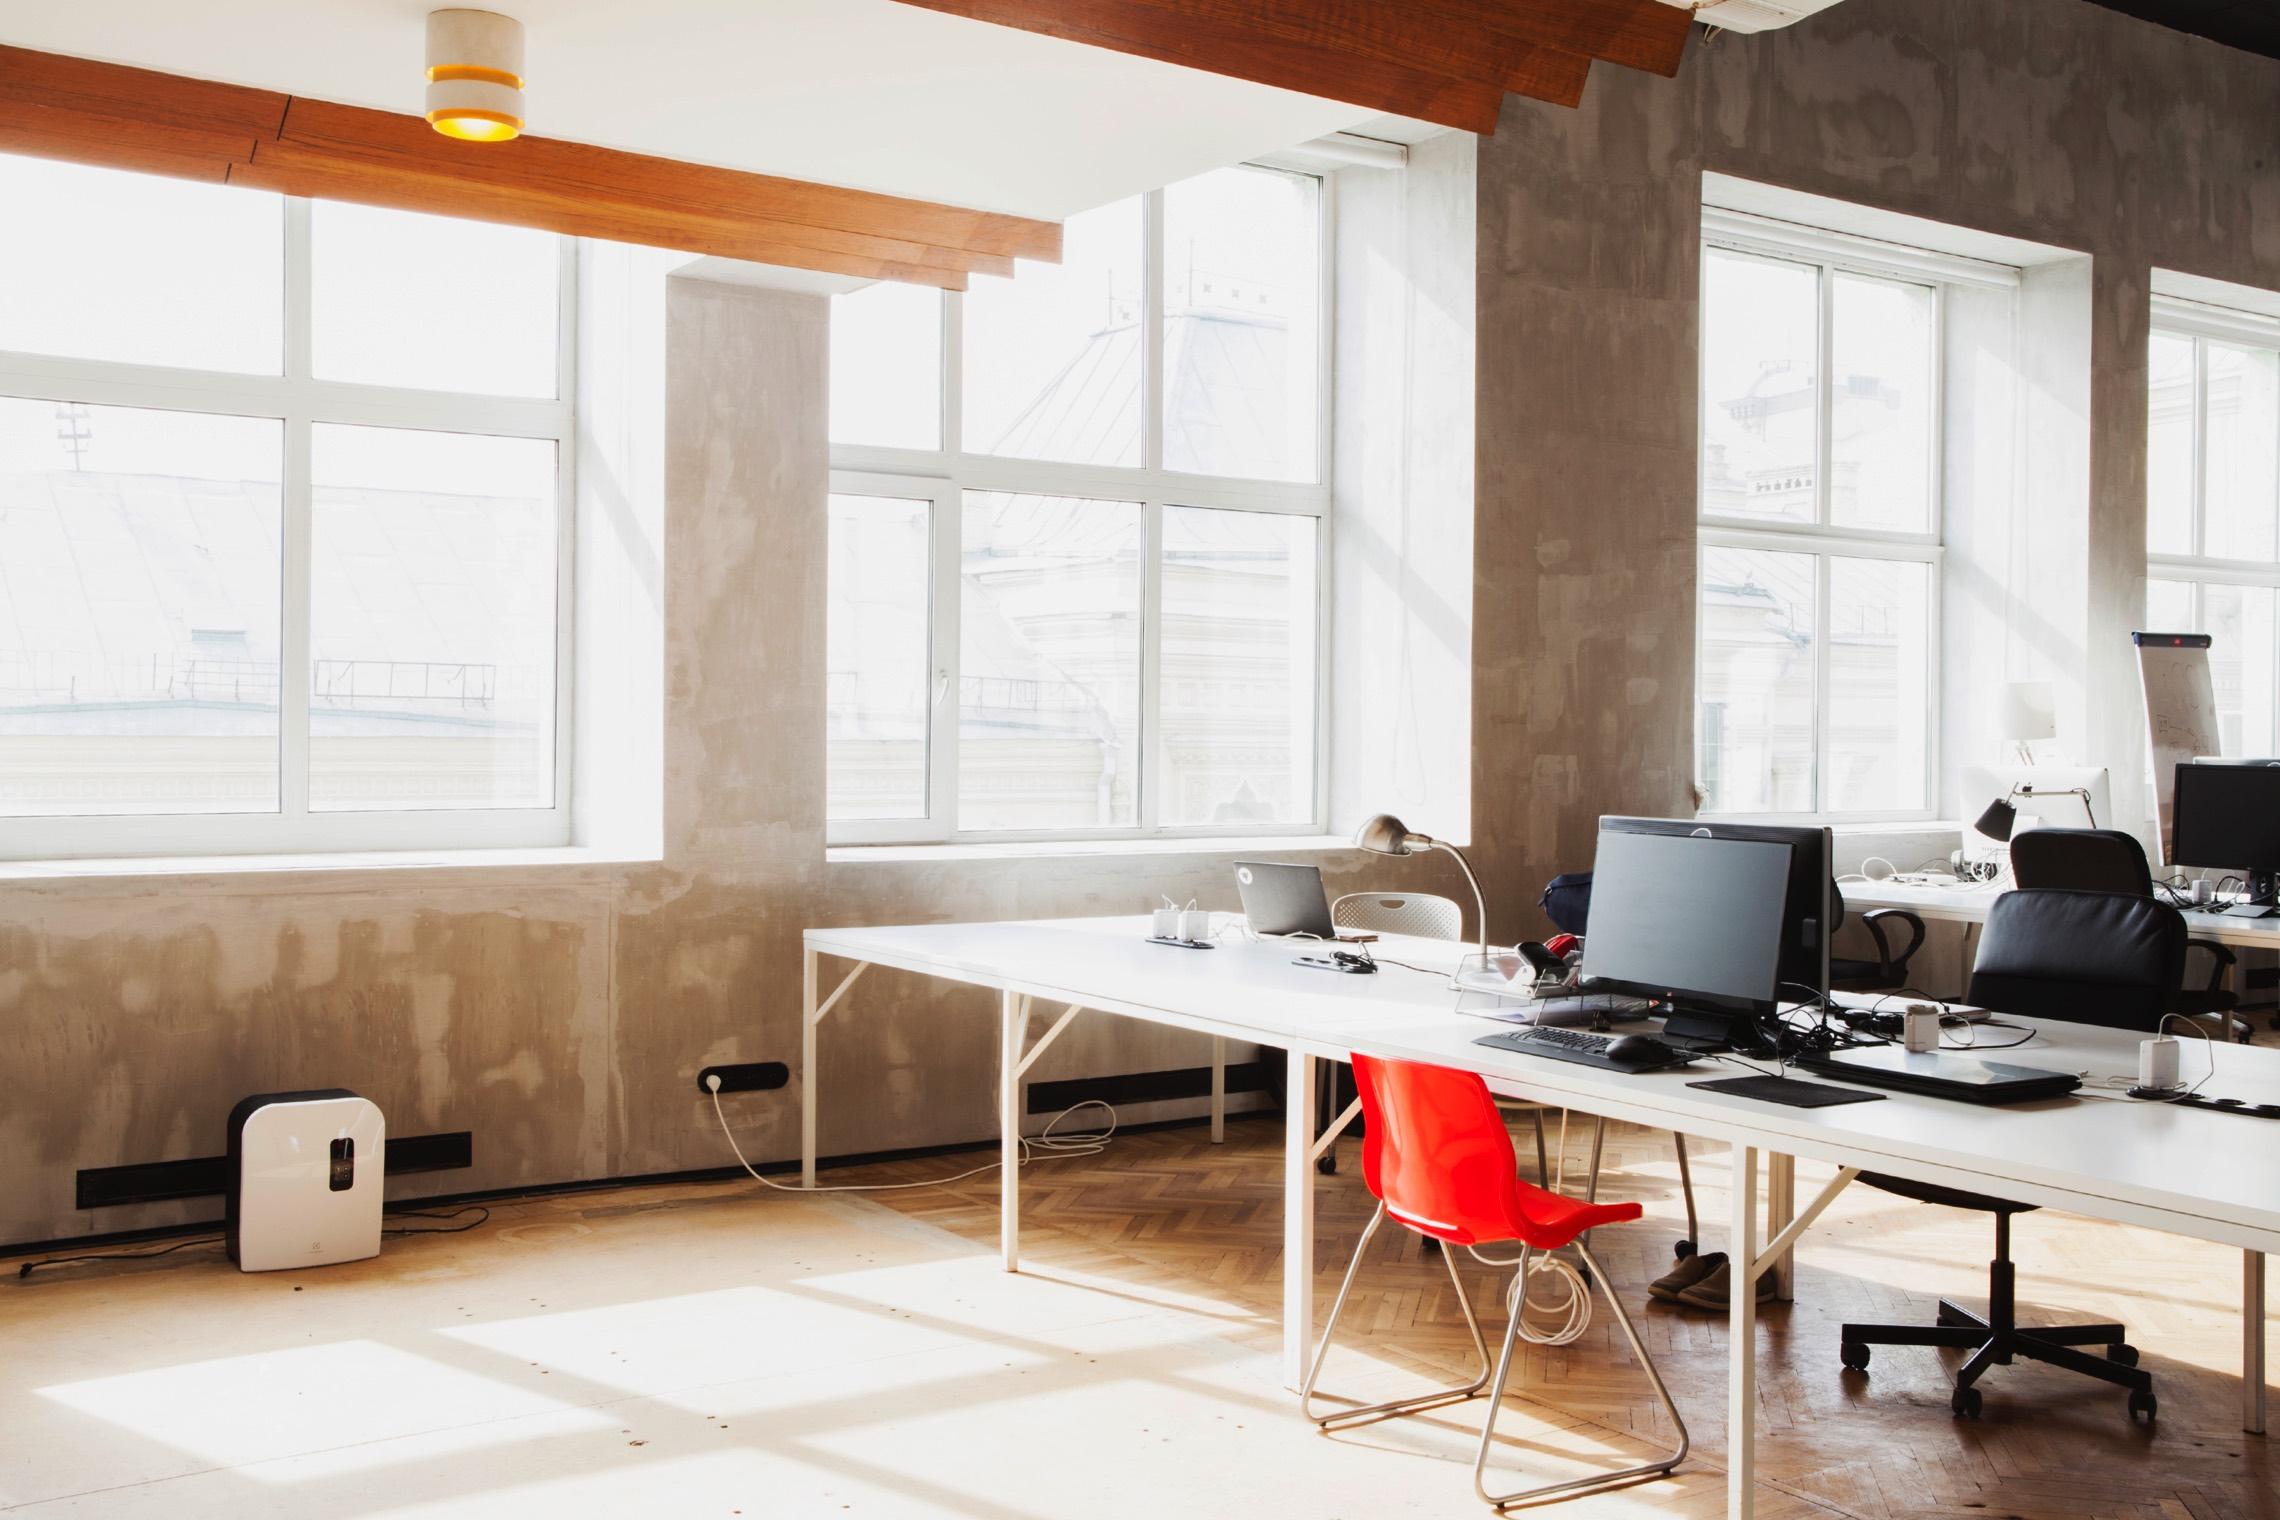 фотостудия как офис купить